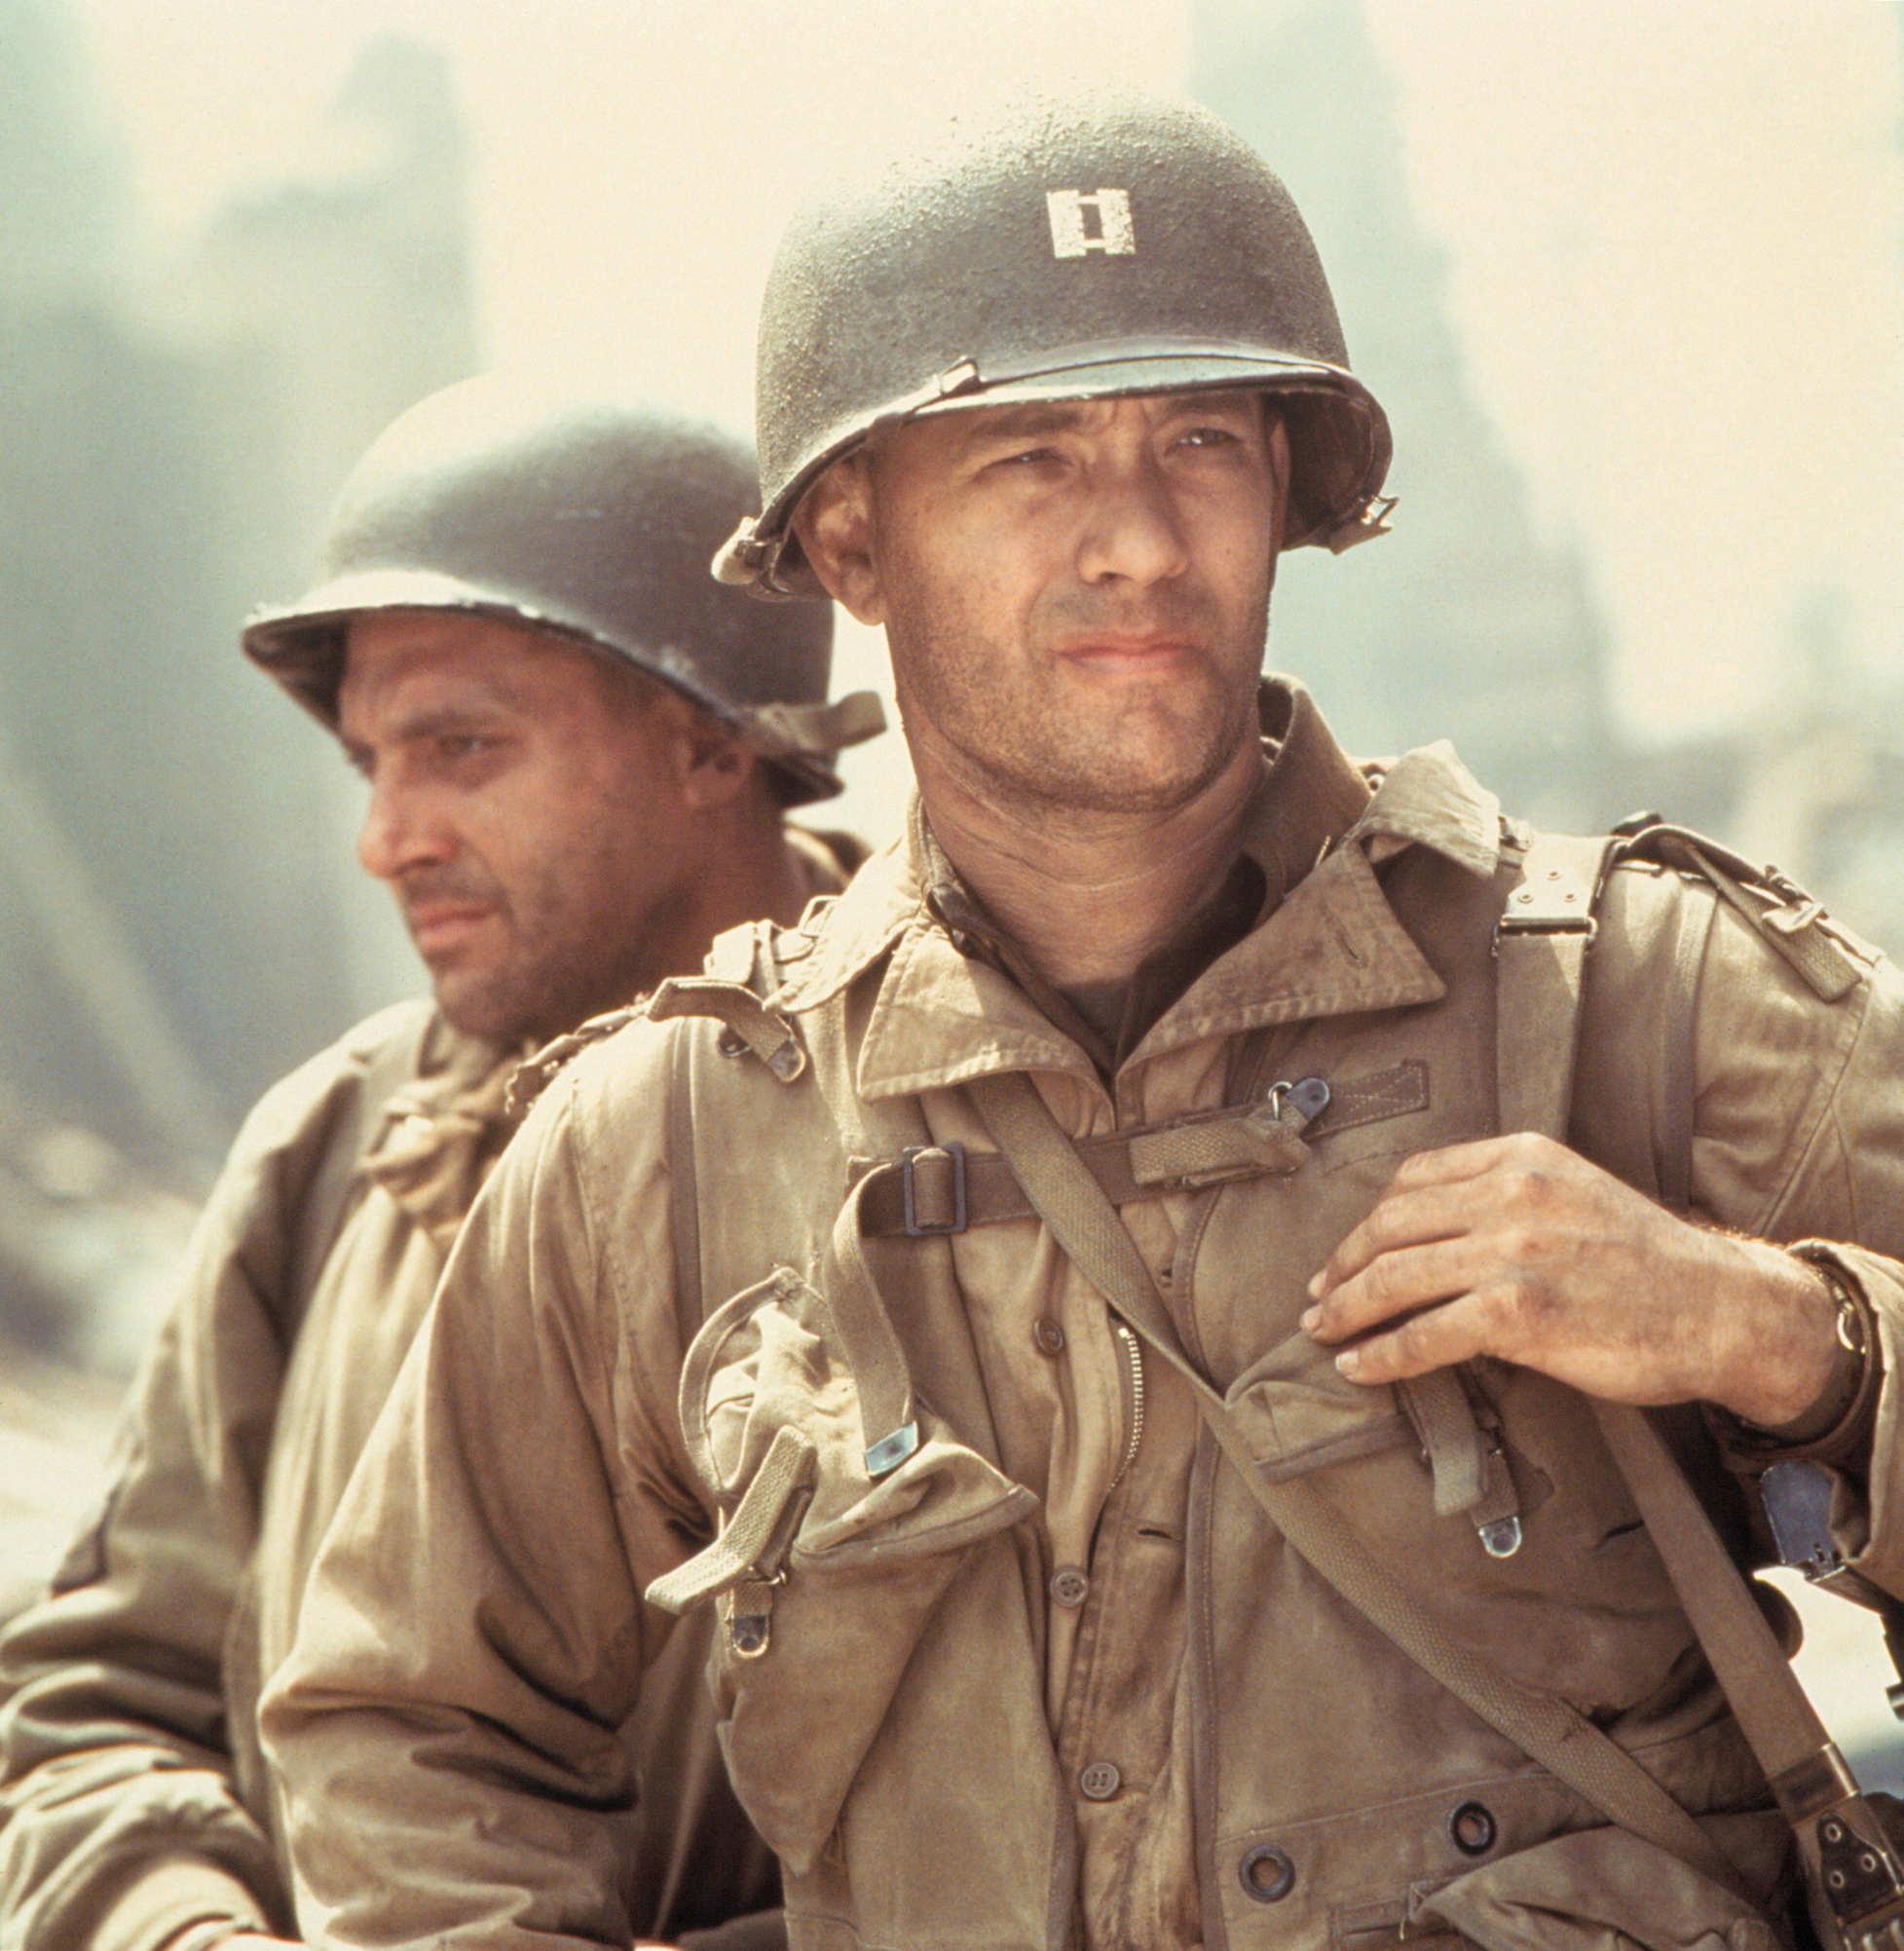 Der Soldat James Ryan Hd Stream